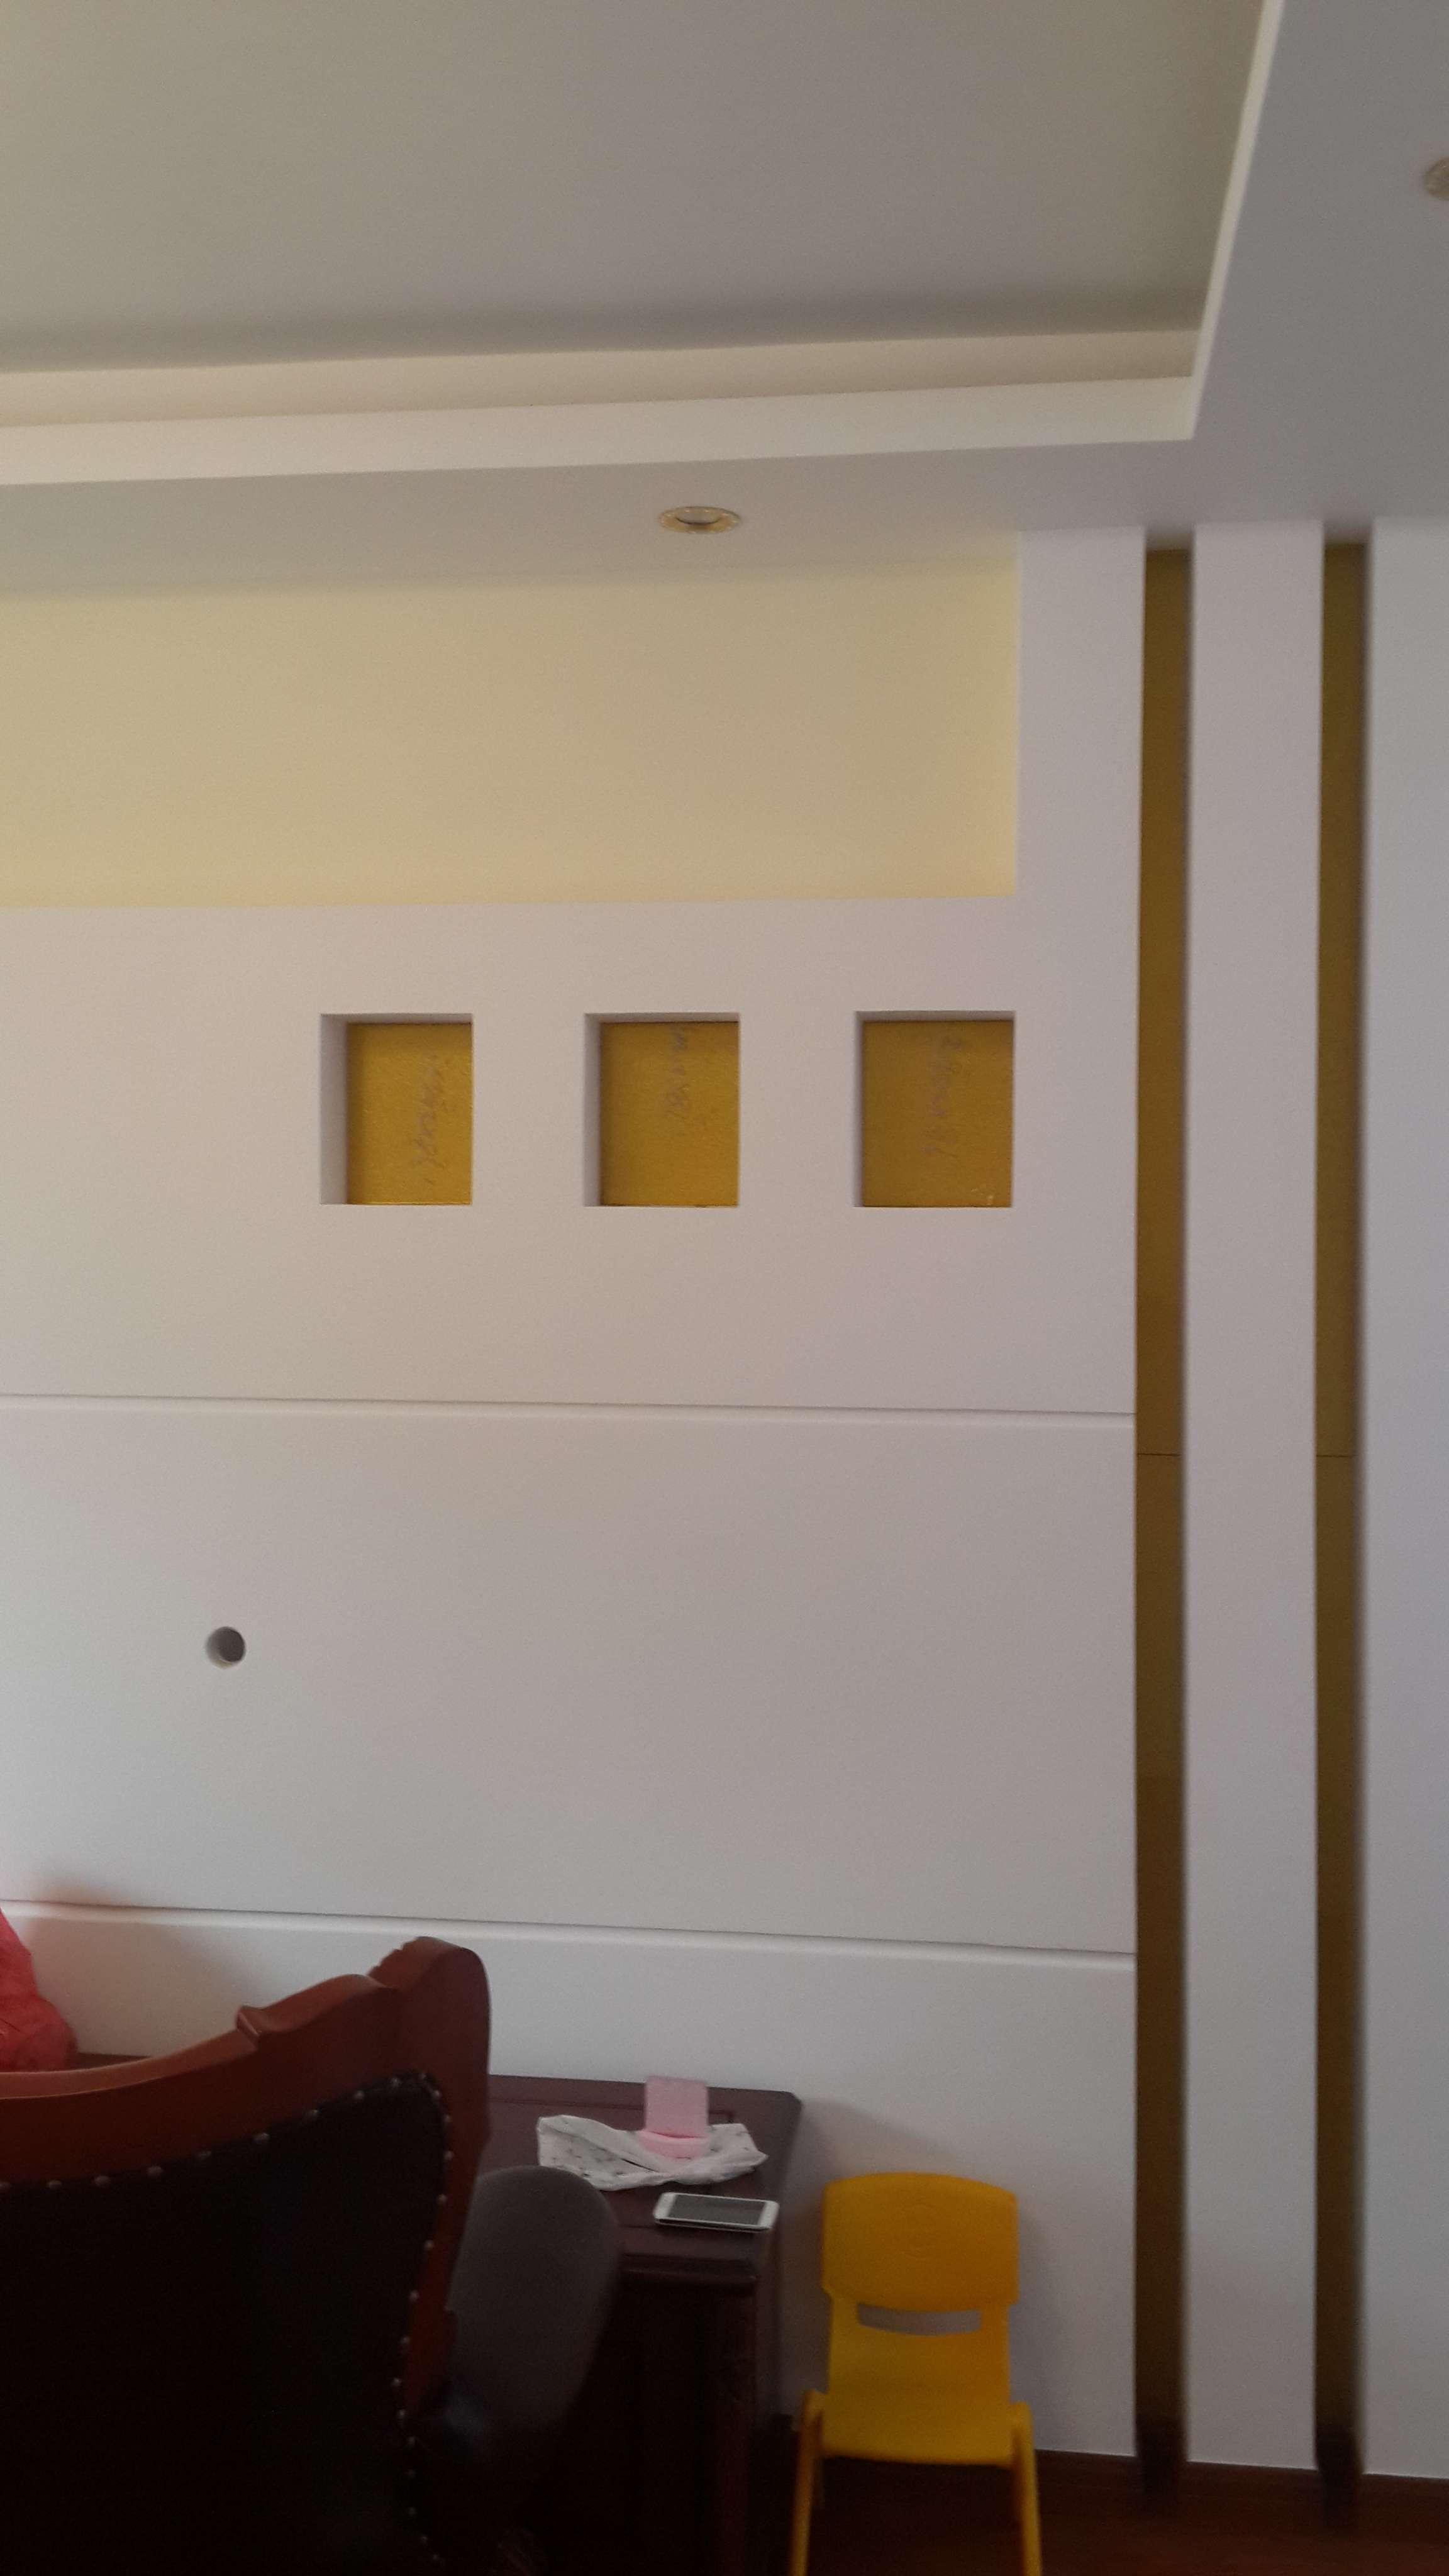 家装现场效果图 - 上海御旭建筑装饰工程设计有限公司